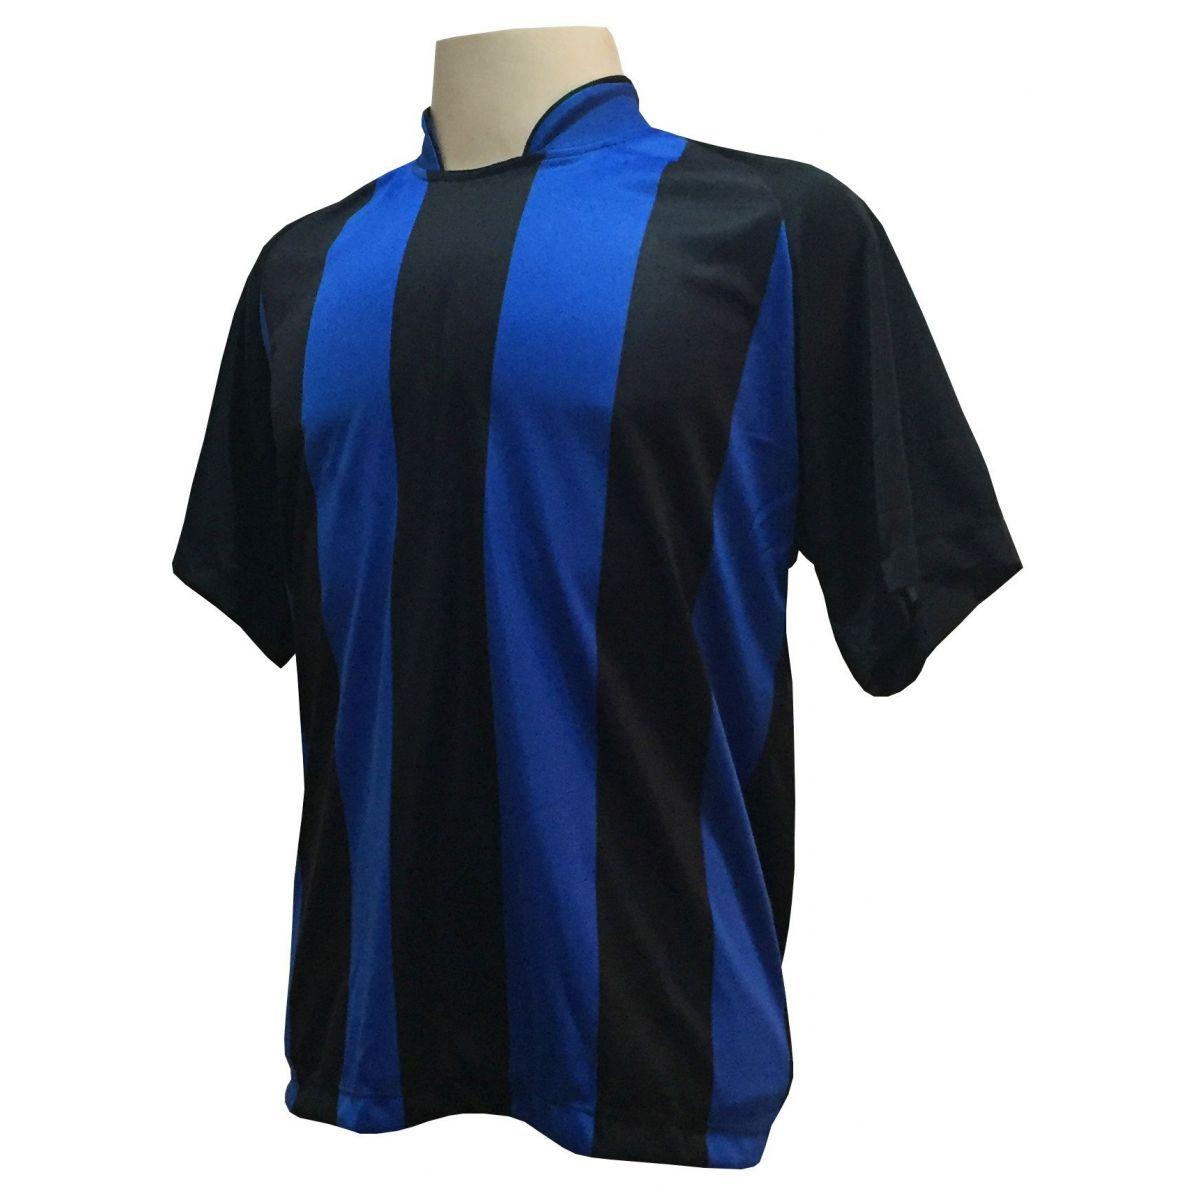 Jogo de Camisa com 12 unidades modelo Milan Preto/Royal + 1 Goleiro + Brindes